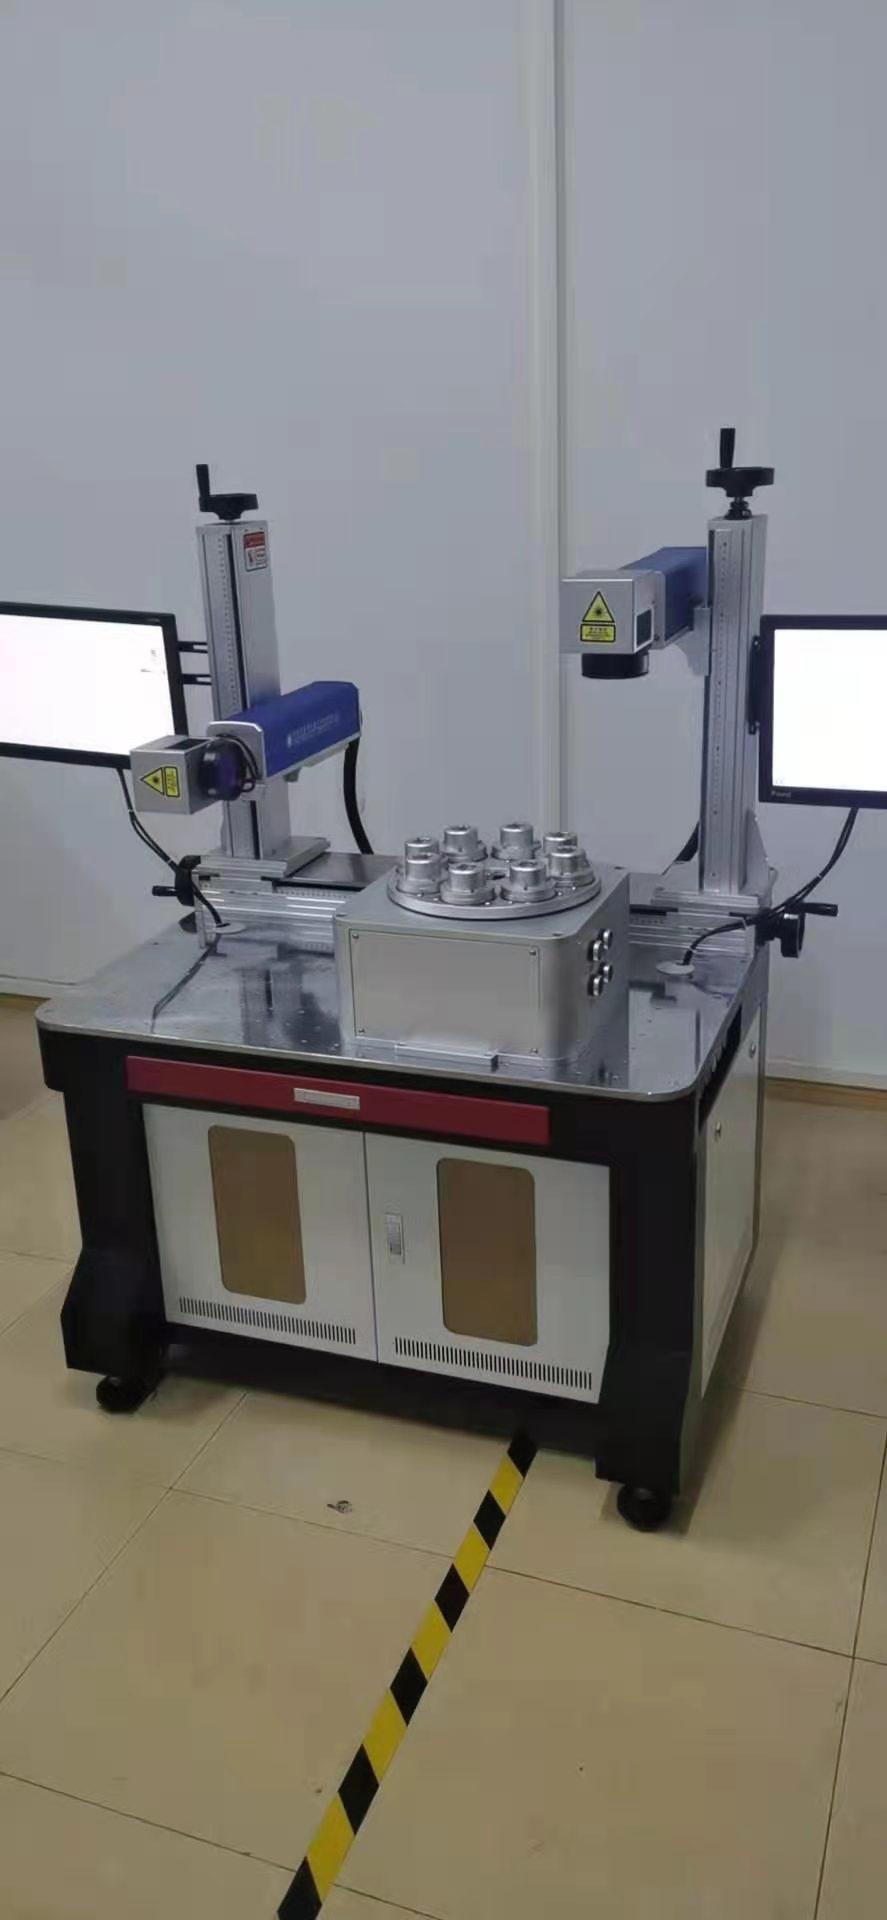 定制化激光视觉打标系统 1